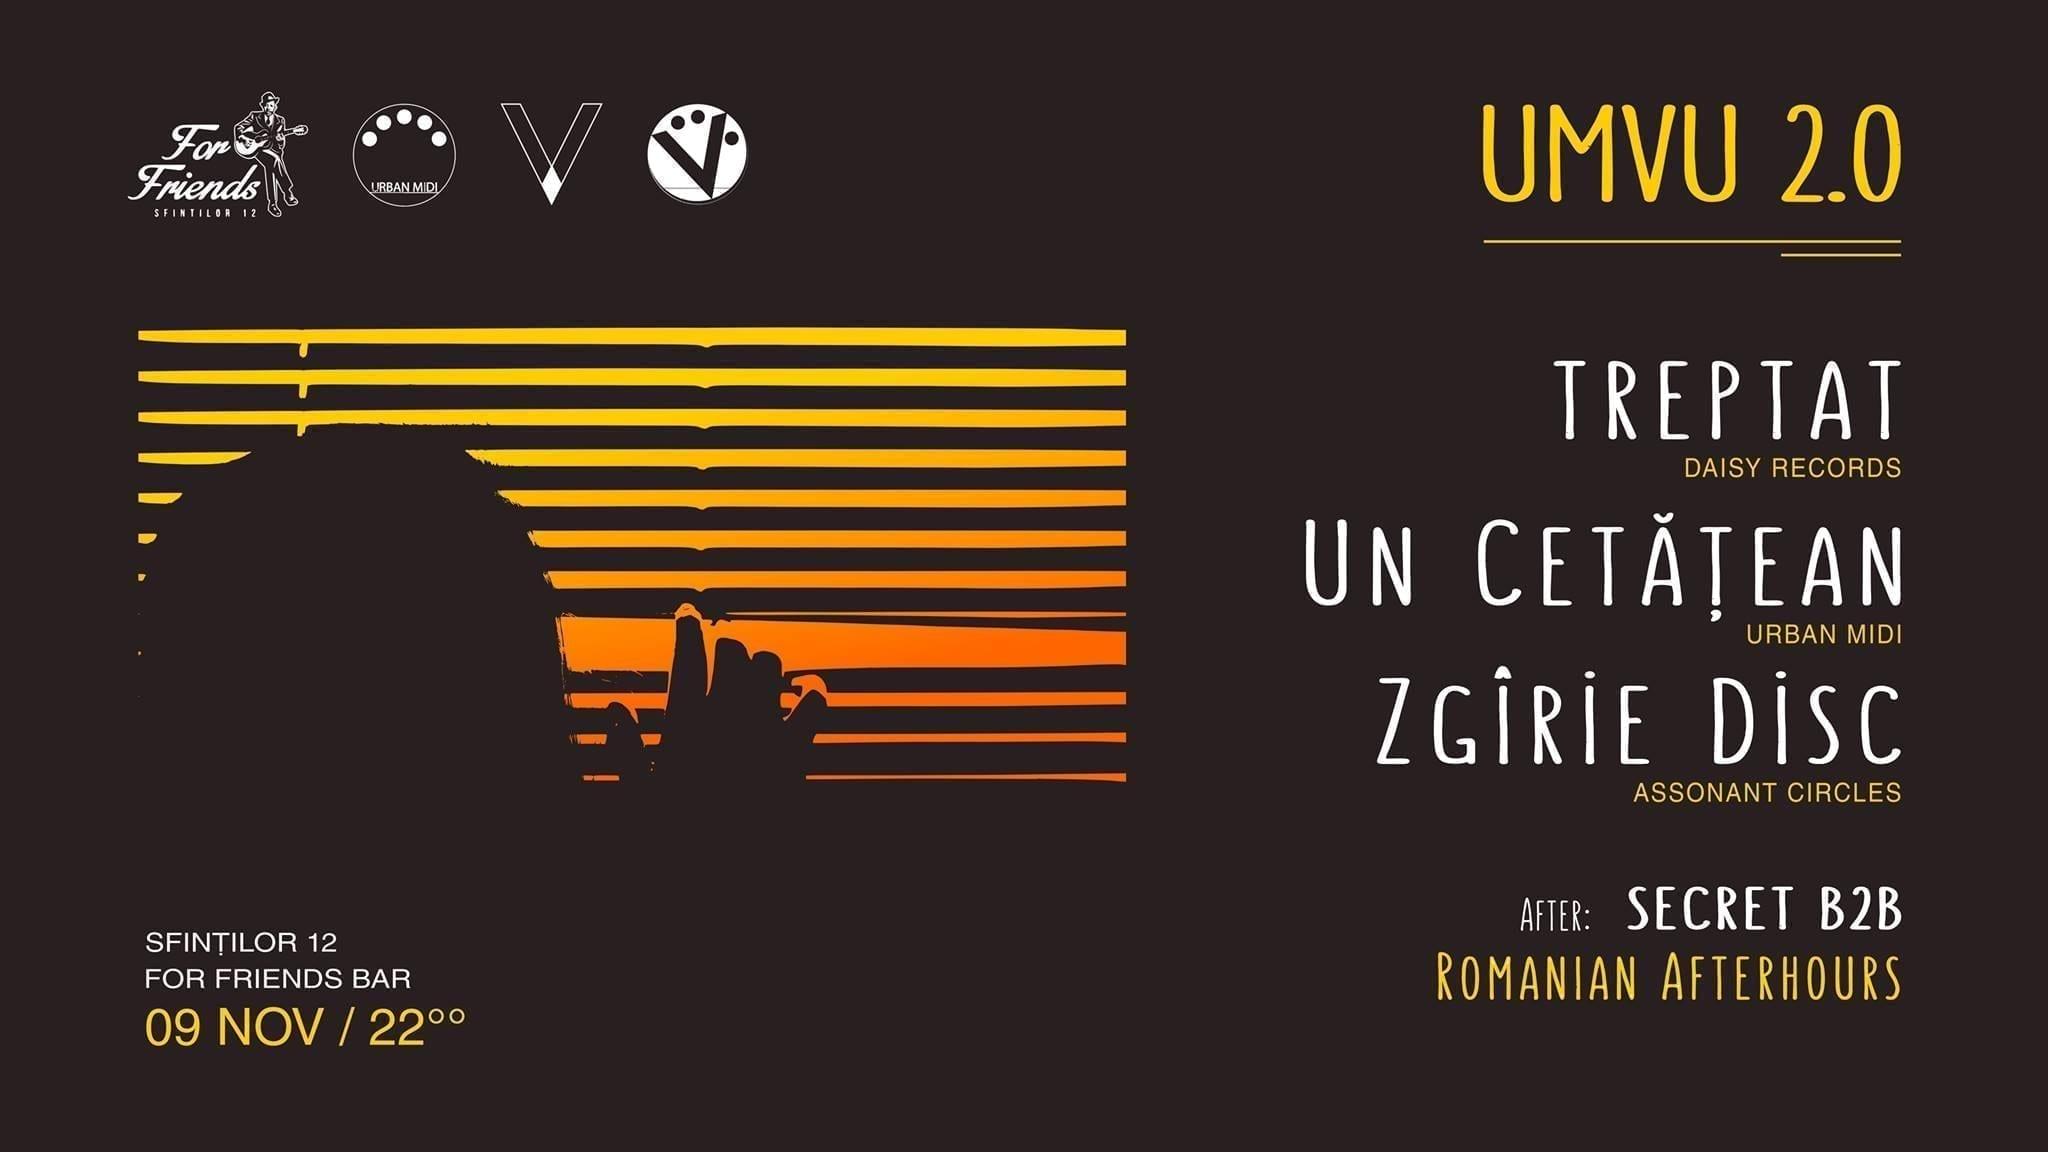 UMVU 2.0 w/ Zgîrie Disc - Treptat - Un Cetățean